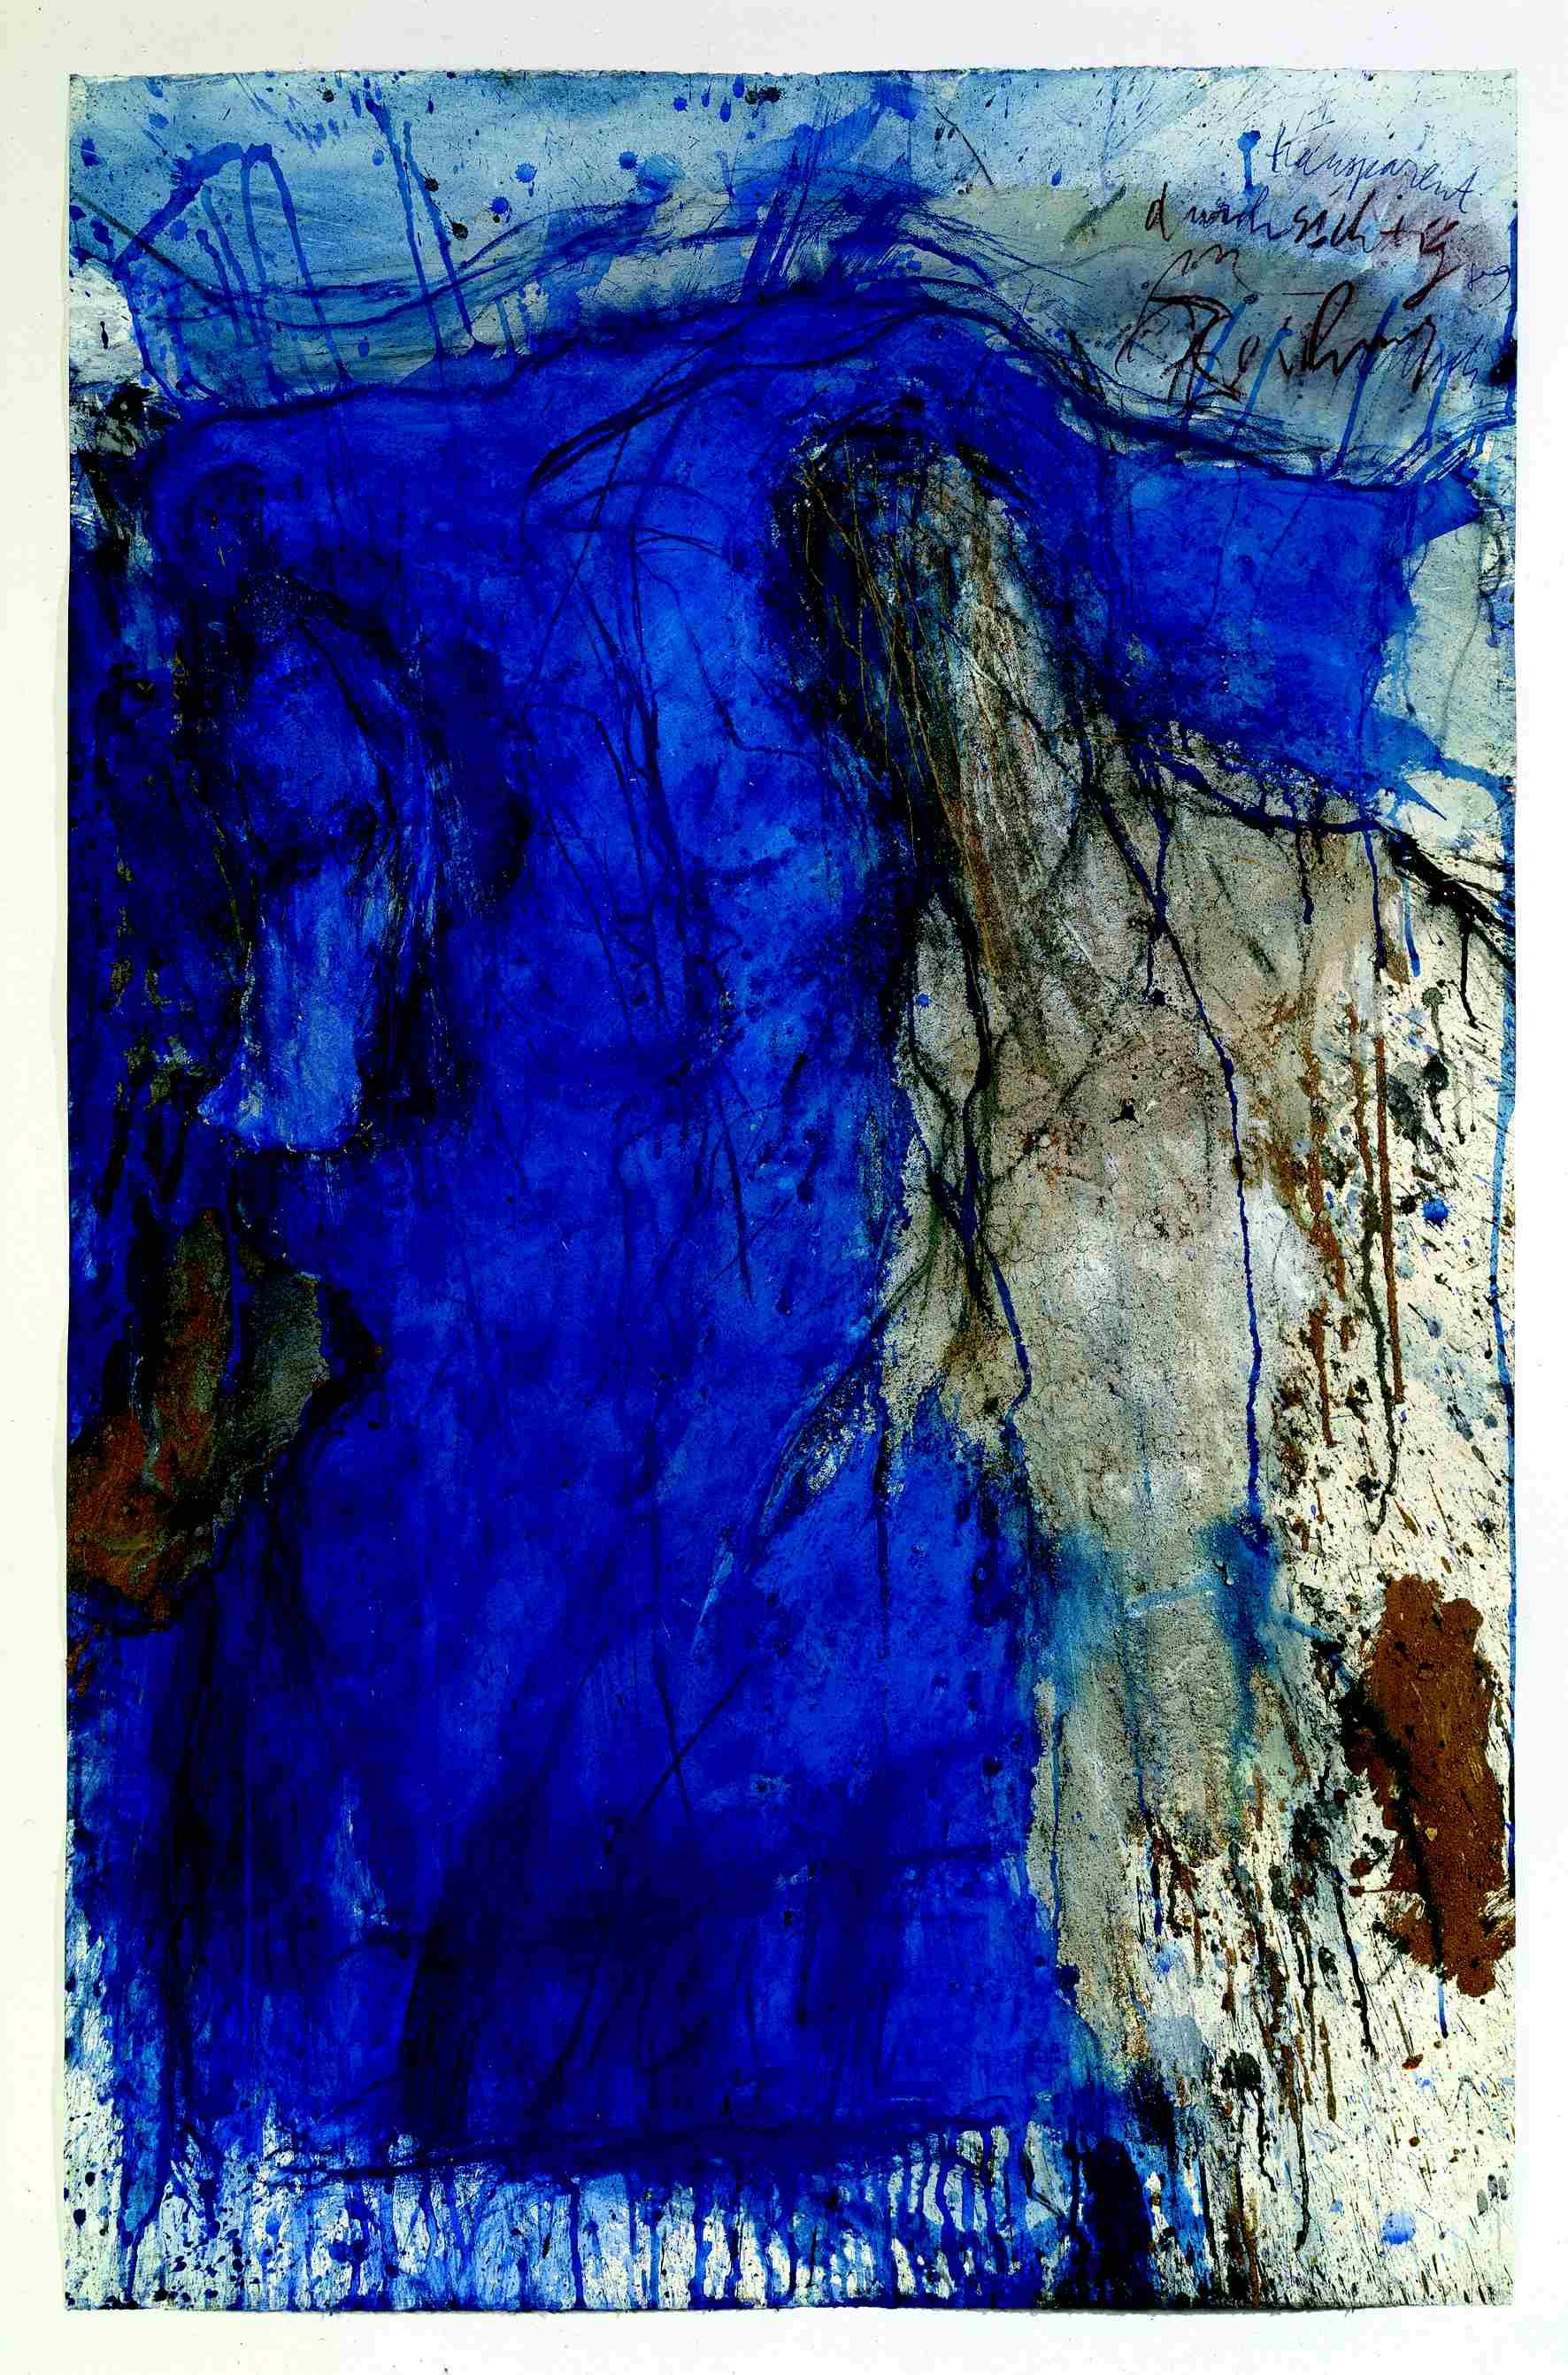 Eintreten in den grossen Stein, terre, charbon, pigments et gouache sur papier, (152 x 100 cm)